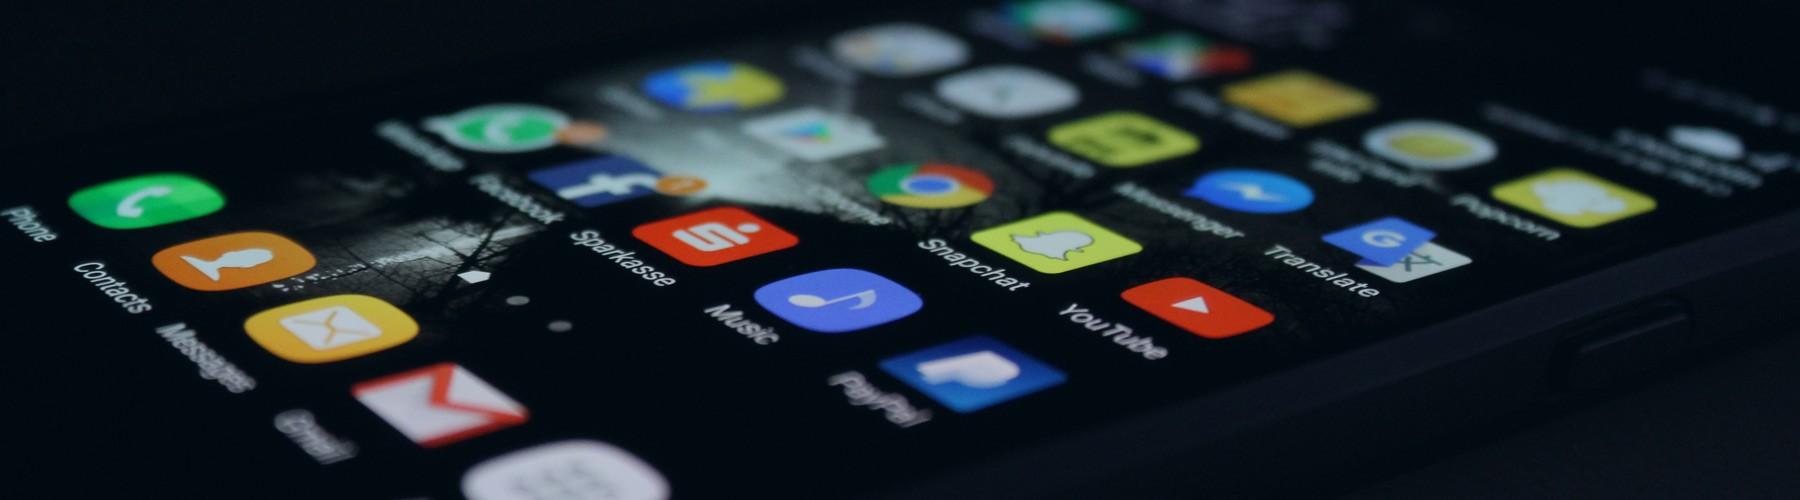 Quoma | Beneficios de crear aplicaciones móviles para tu negocio